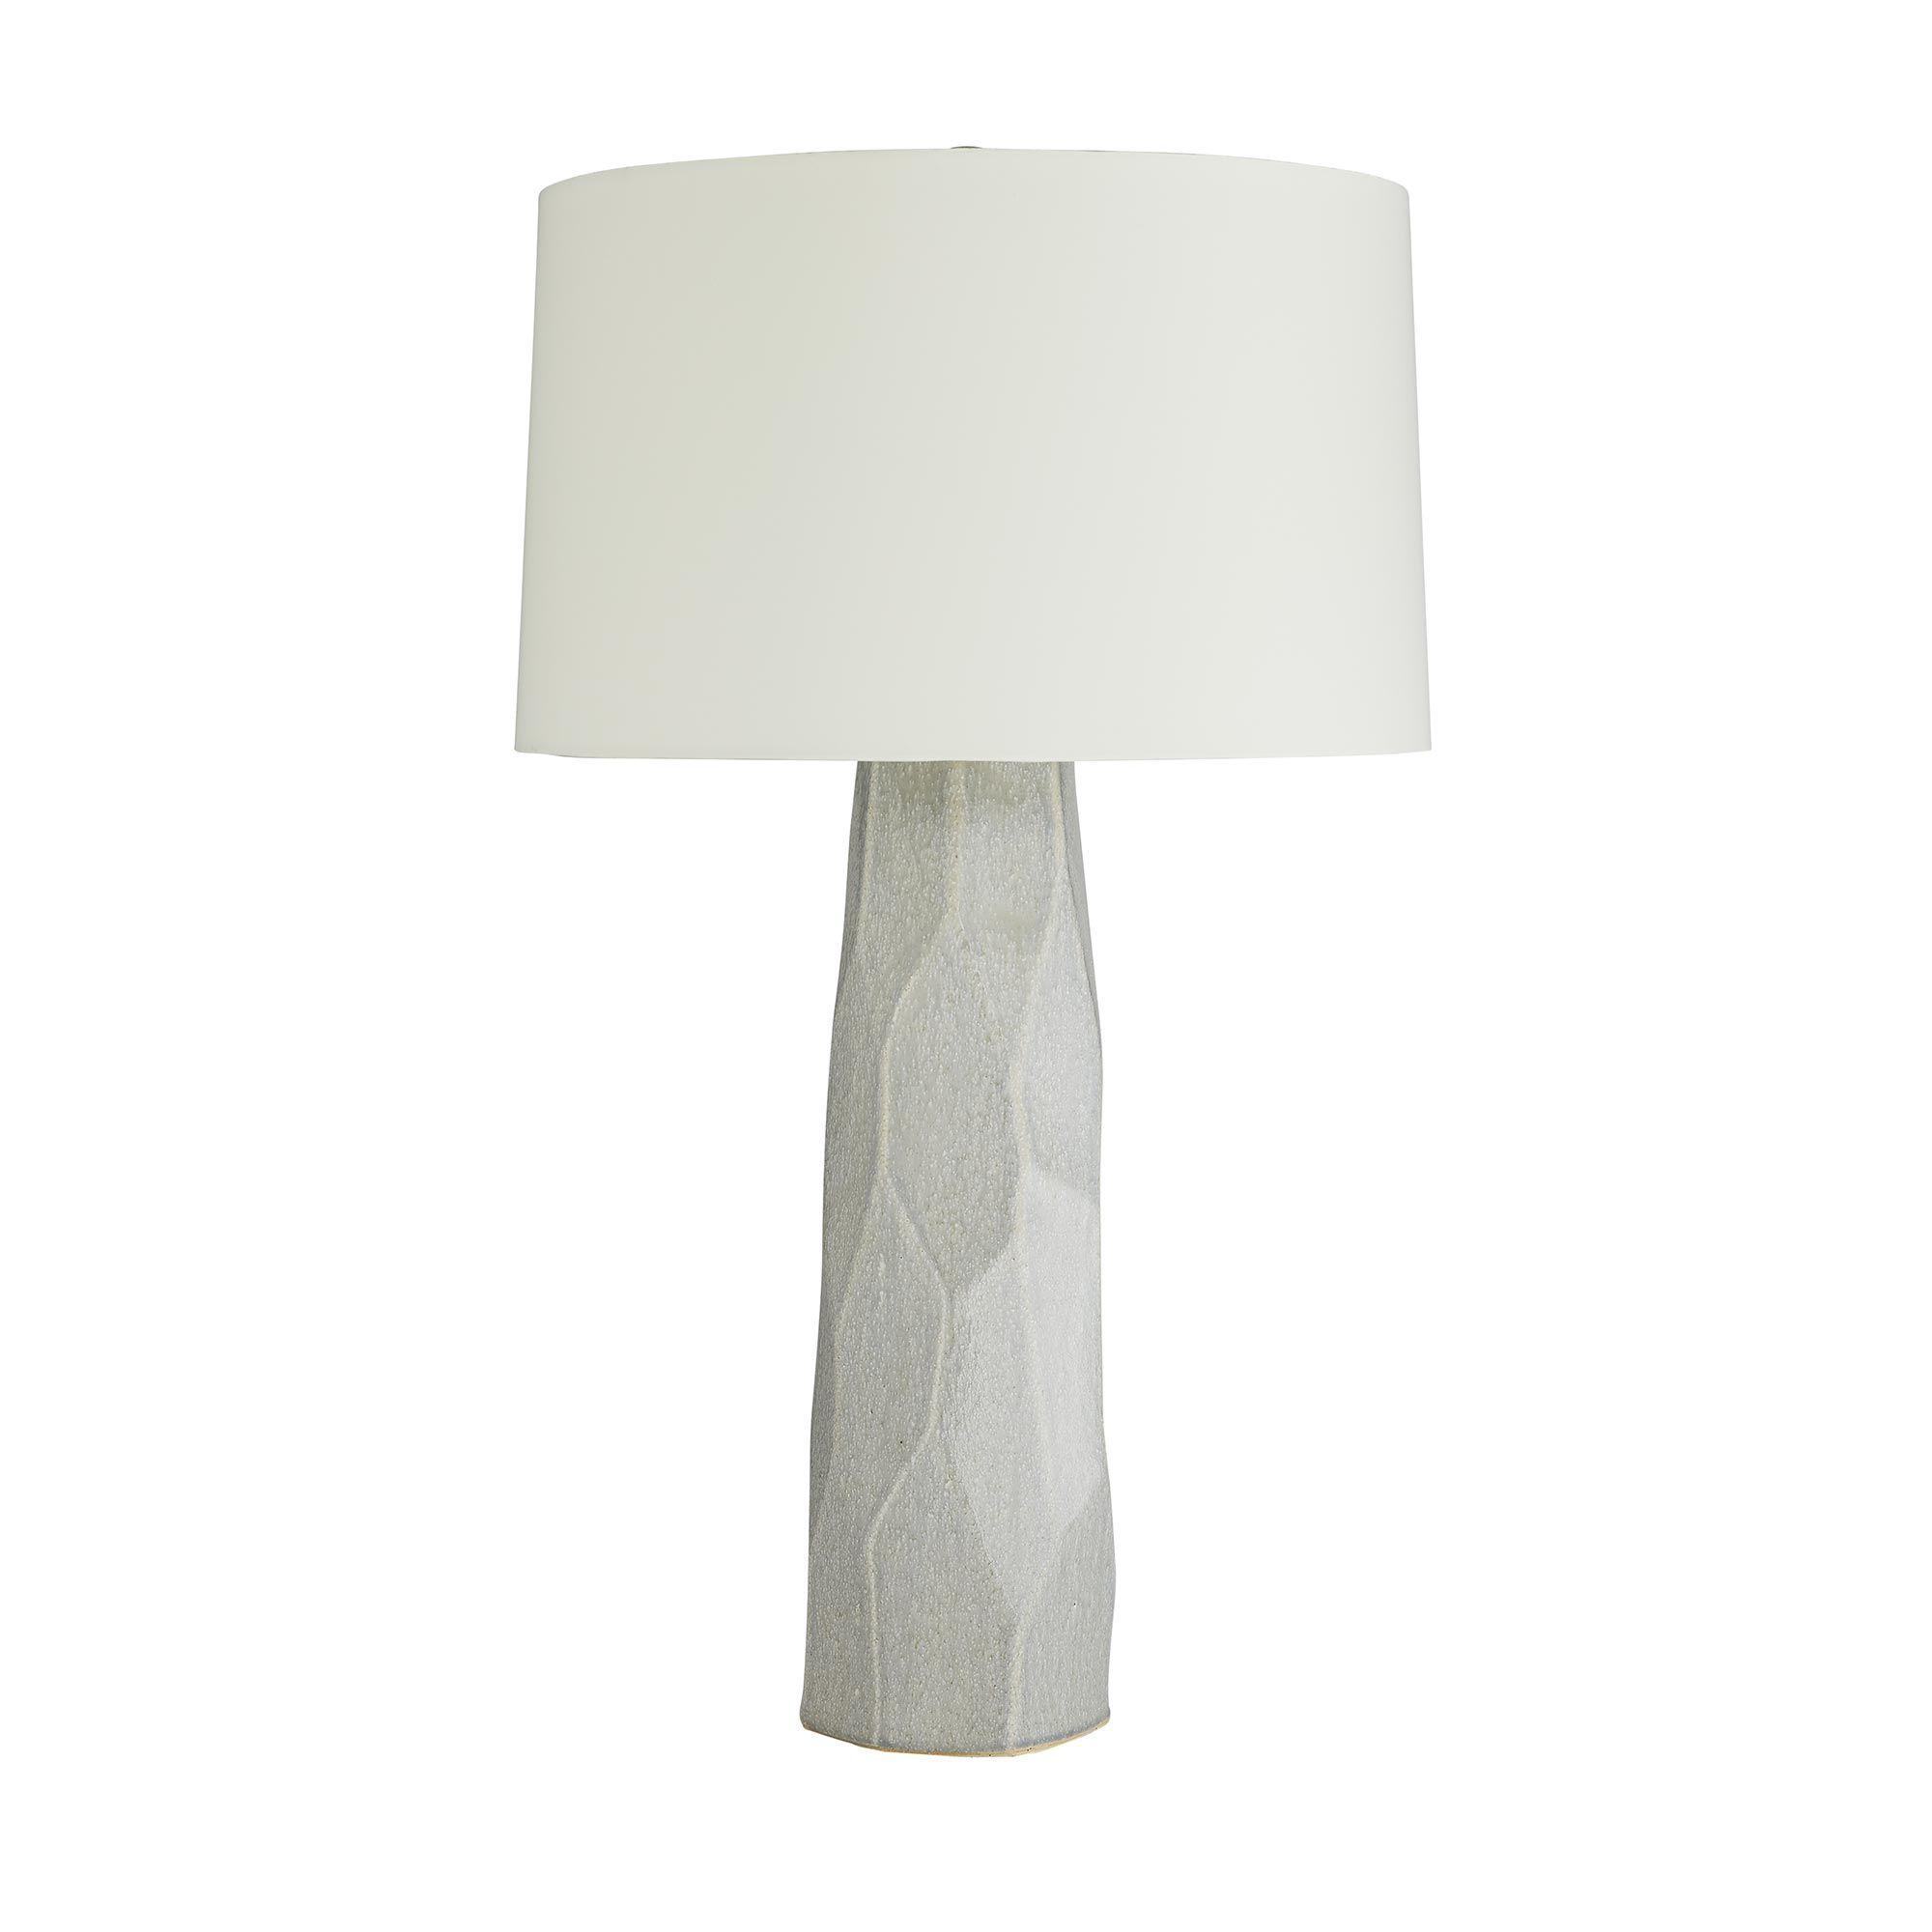 Townsen Lamp